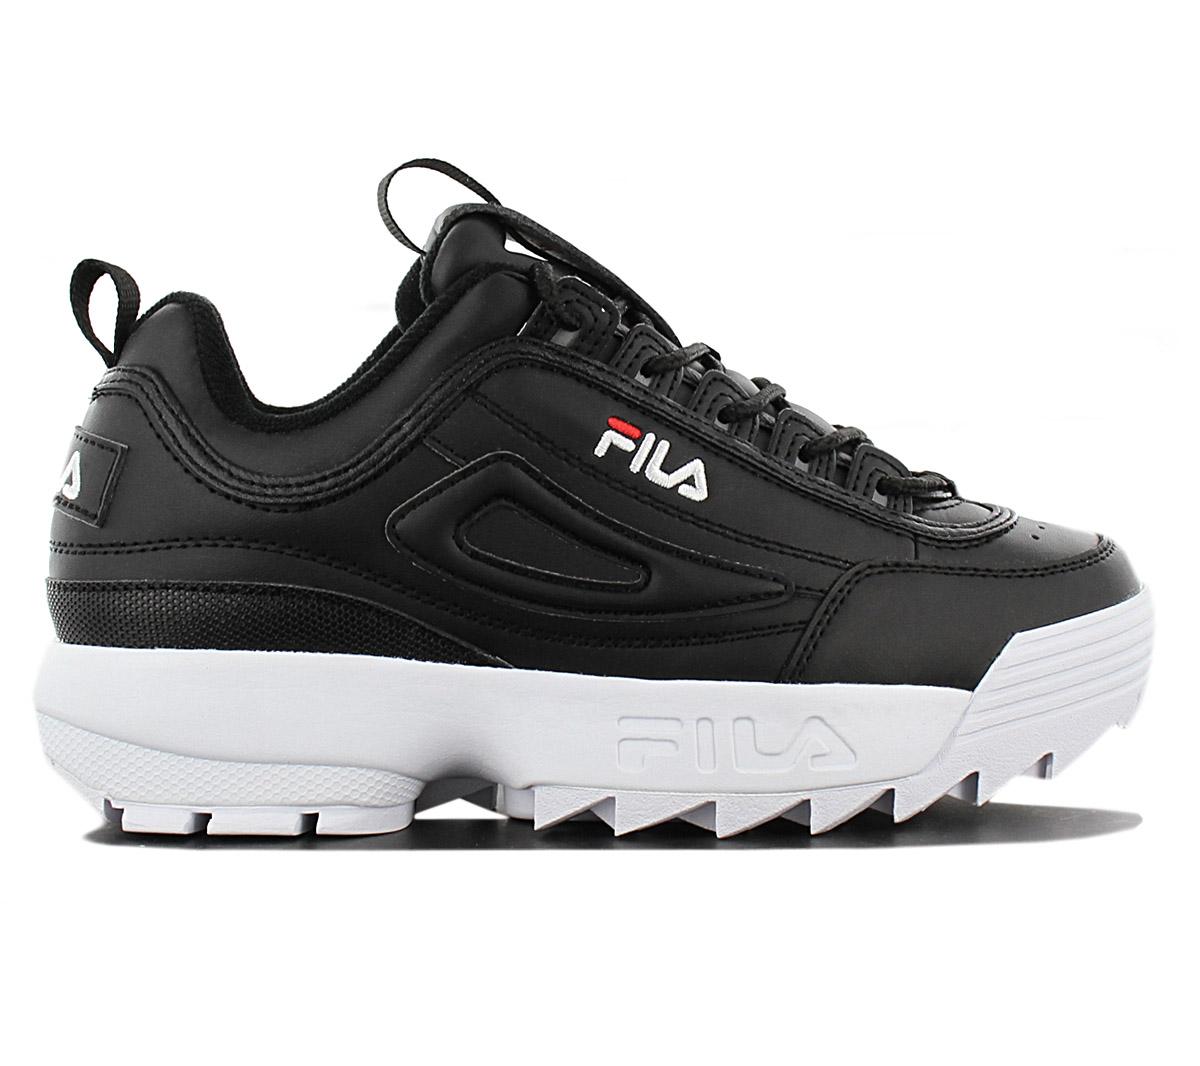 Details zu FILA Disruptor Low W Damen Sneaker Schuhe 1010302.25Y Schwarz Freizeit Turnschuh